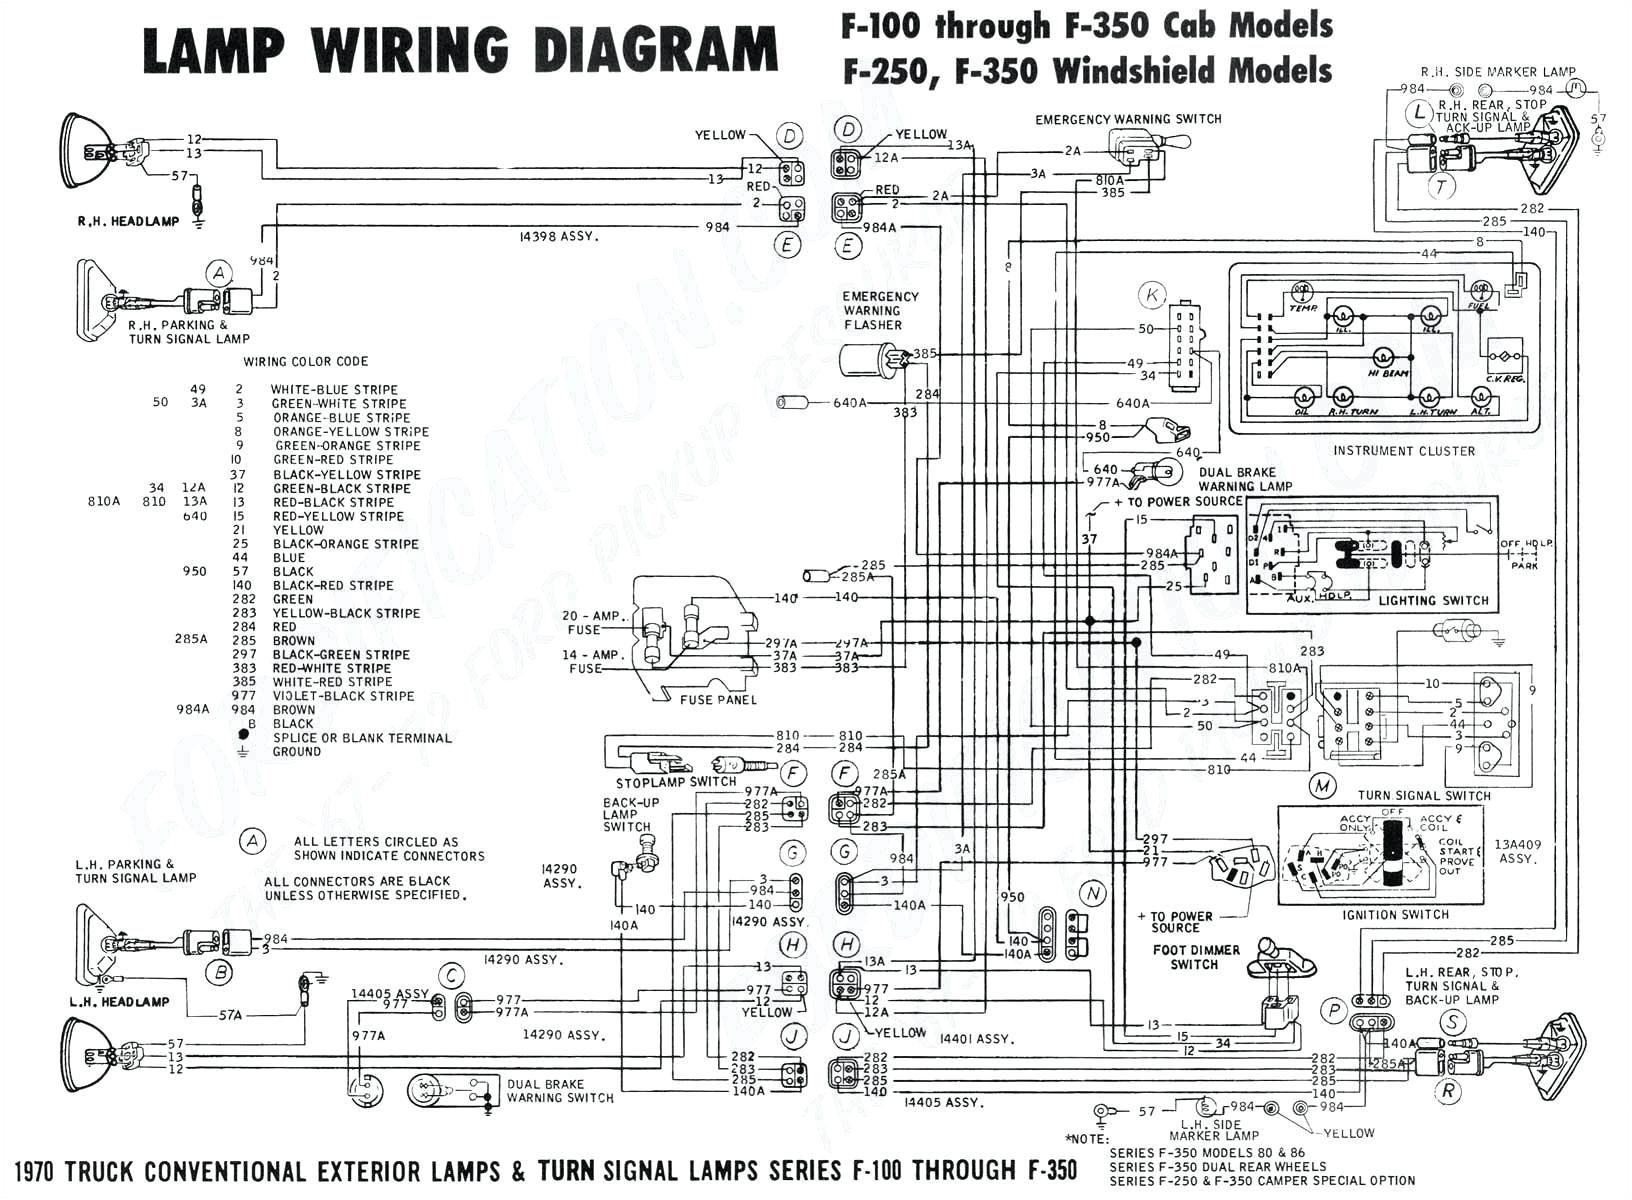 2006 Mazda 3 Electric Power Steering Pump Wiring Diagram 09 Mazda 3 Wiring Diagram Wiring Diagram Technic